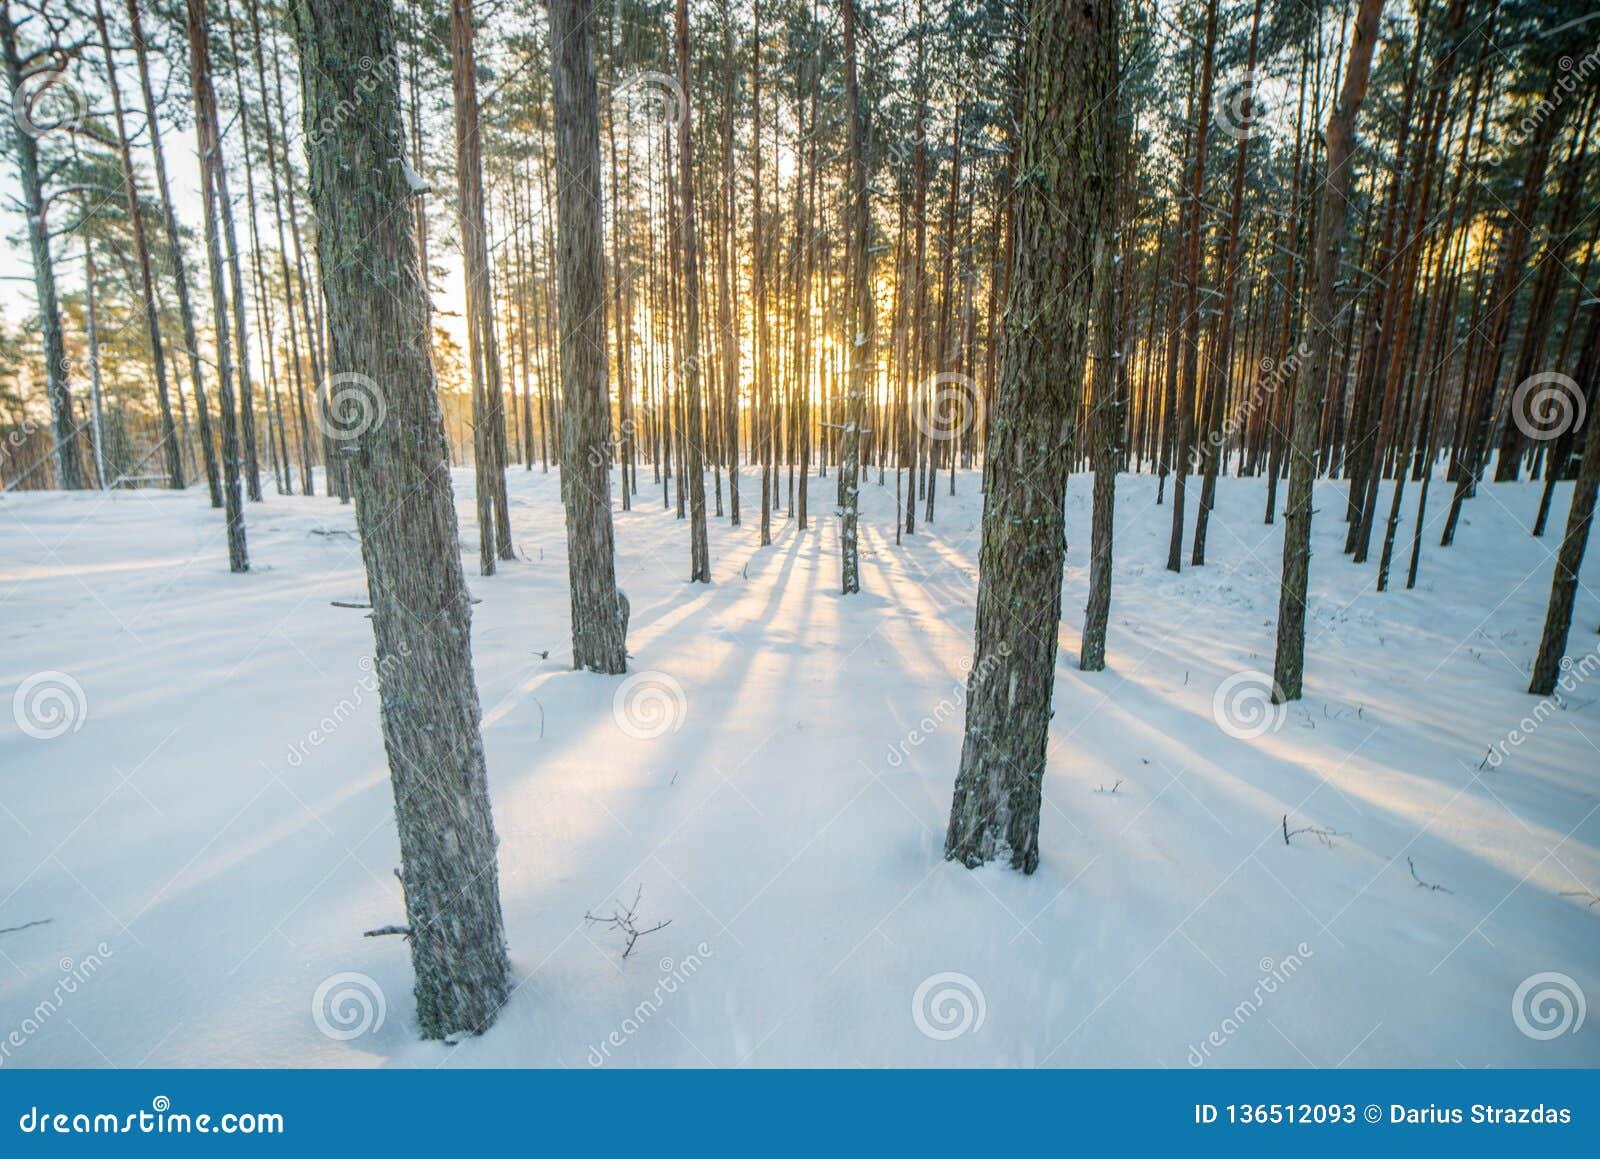 Tiempo Nevado en el bosque, luz natural de la salida del sol